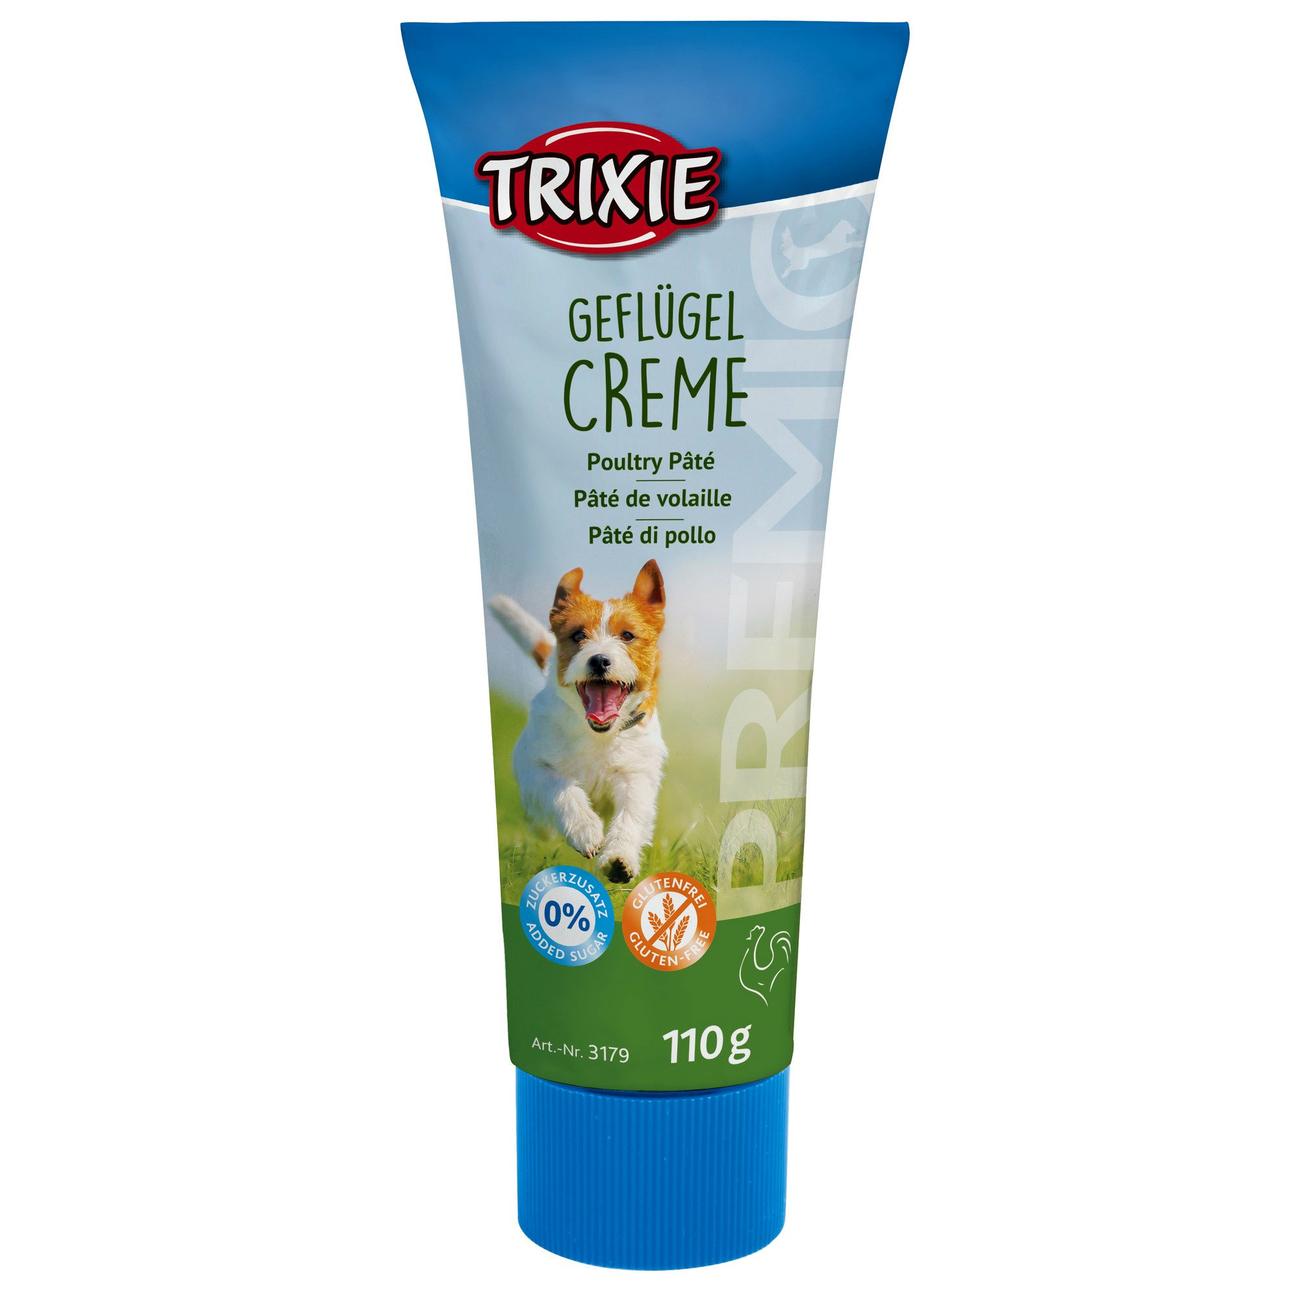 Trixie PREMIO Geflügelcreme für Hunde 3179